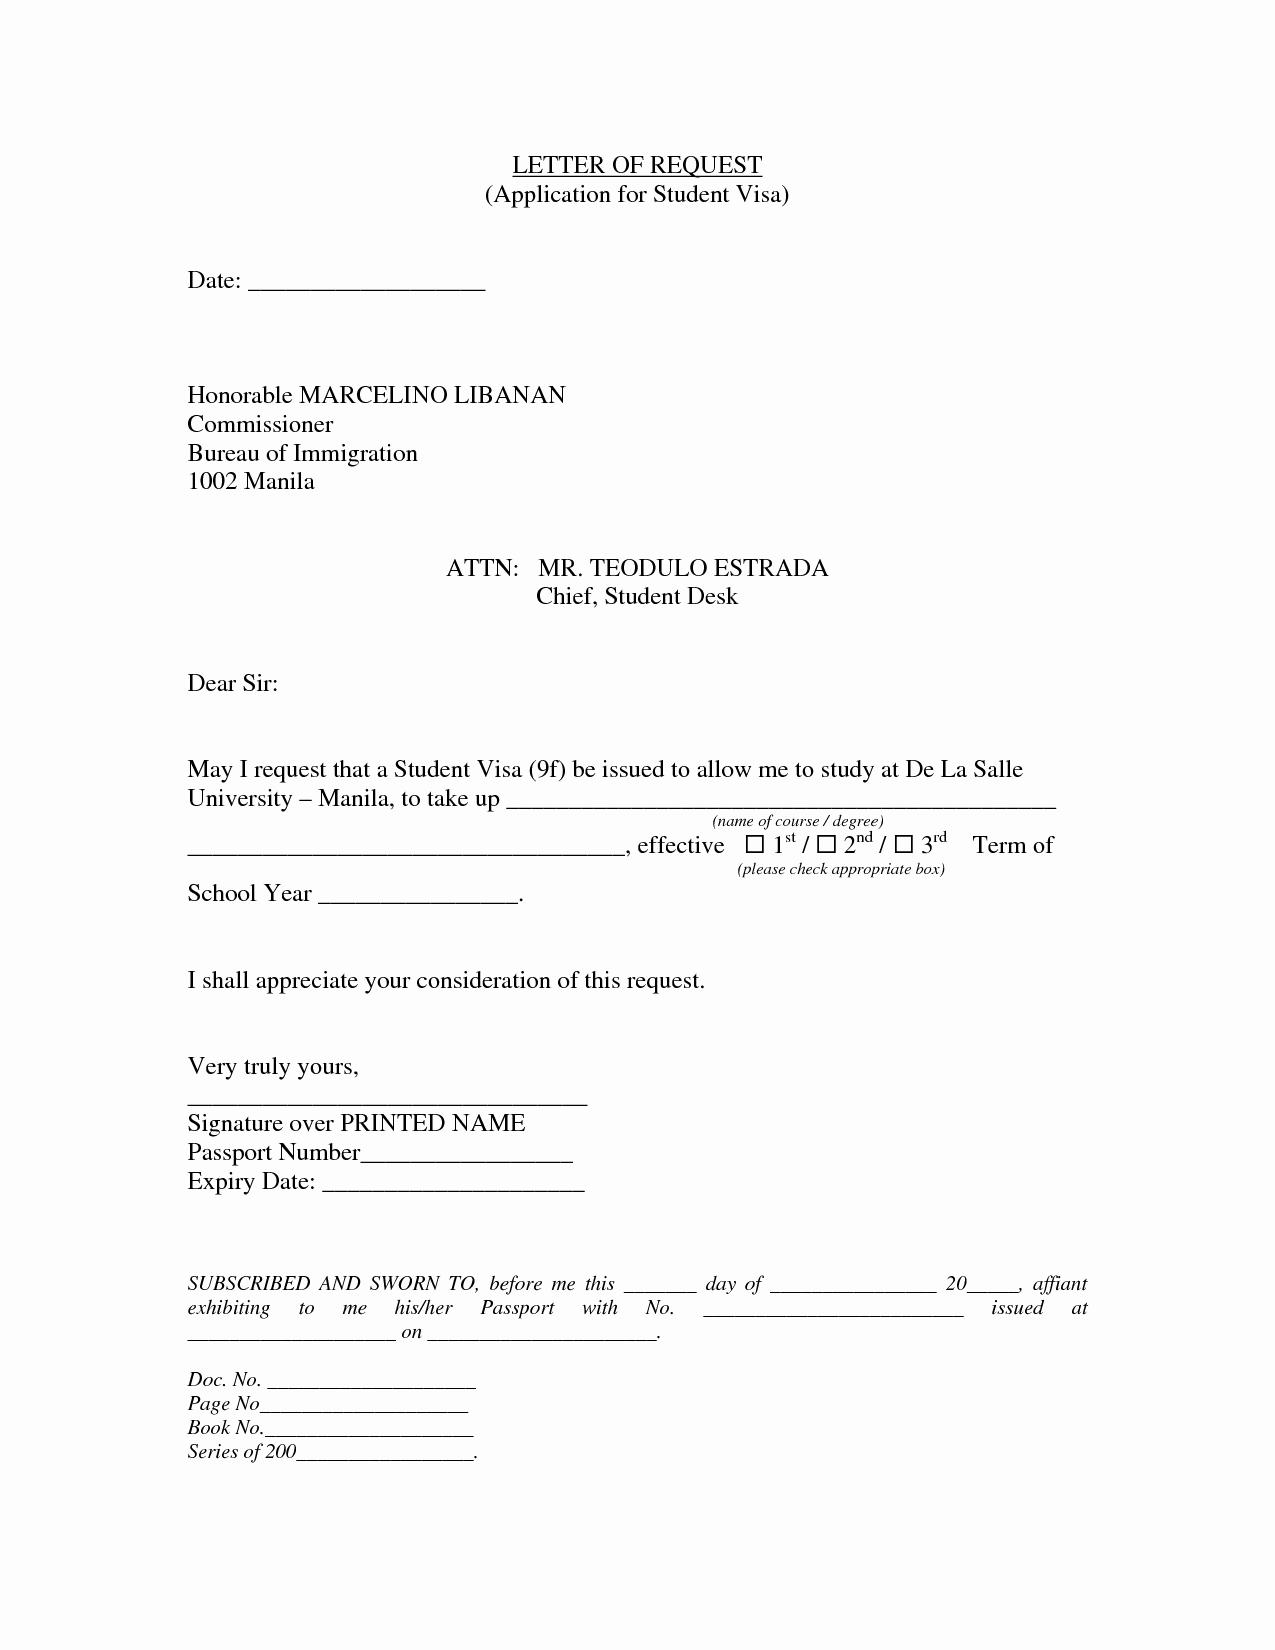 Letter Of Sponsorship for Student Luxury Sample Sponsor Visa Request Letter for Initial J 1 Visa Document Pdf